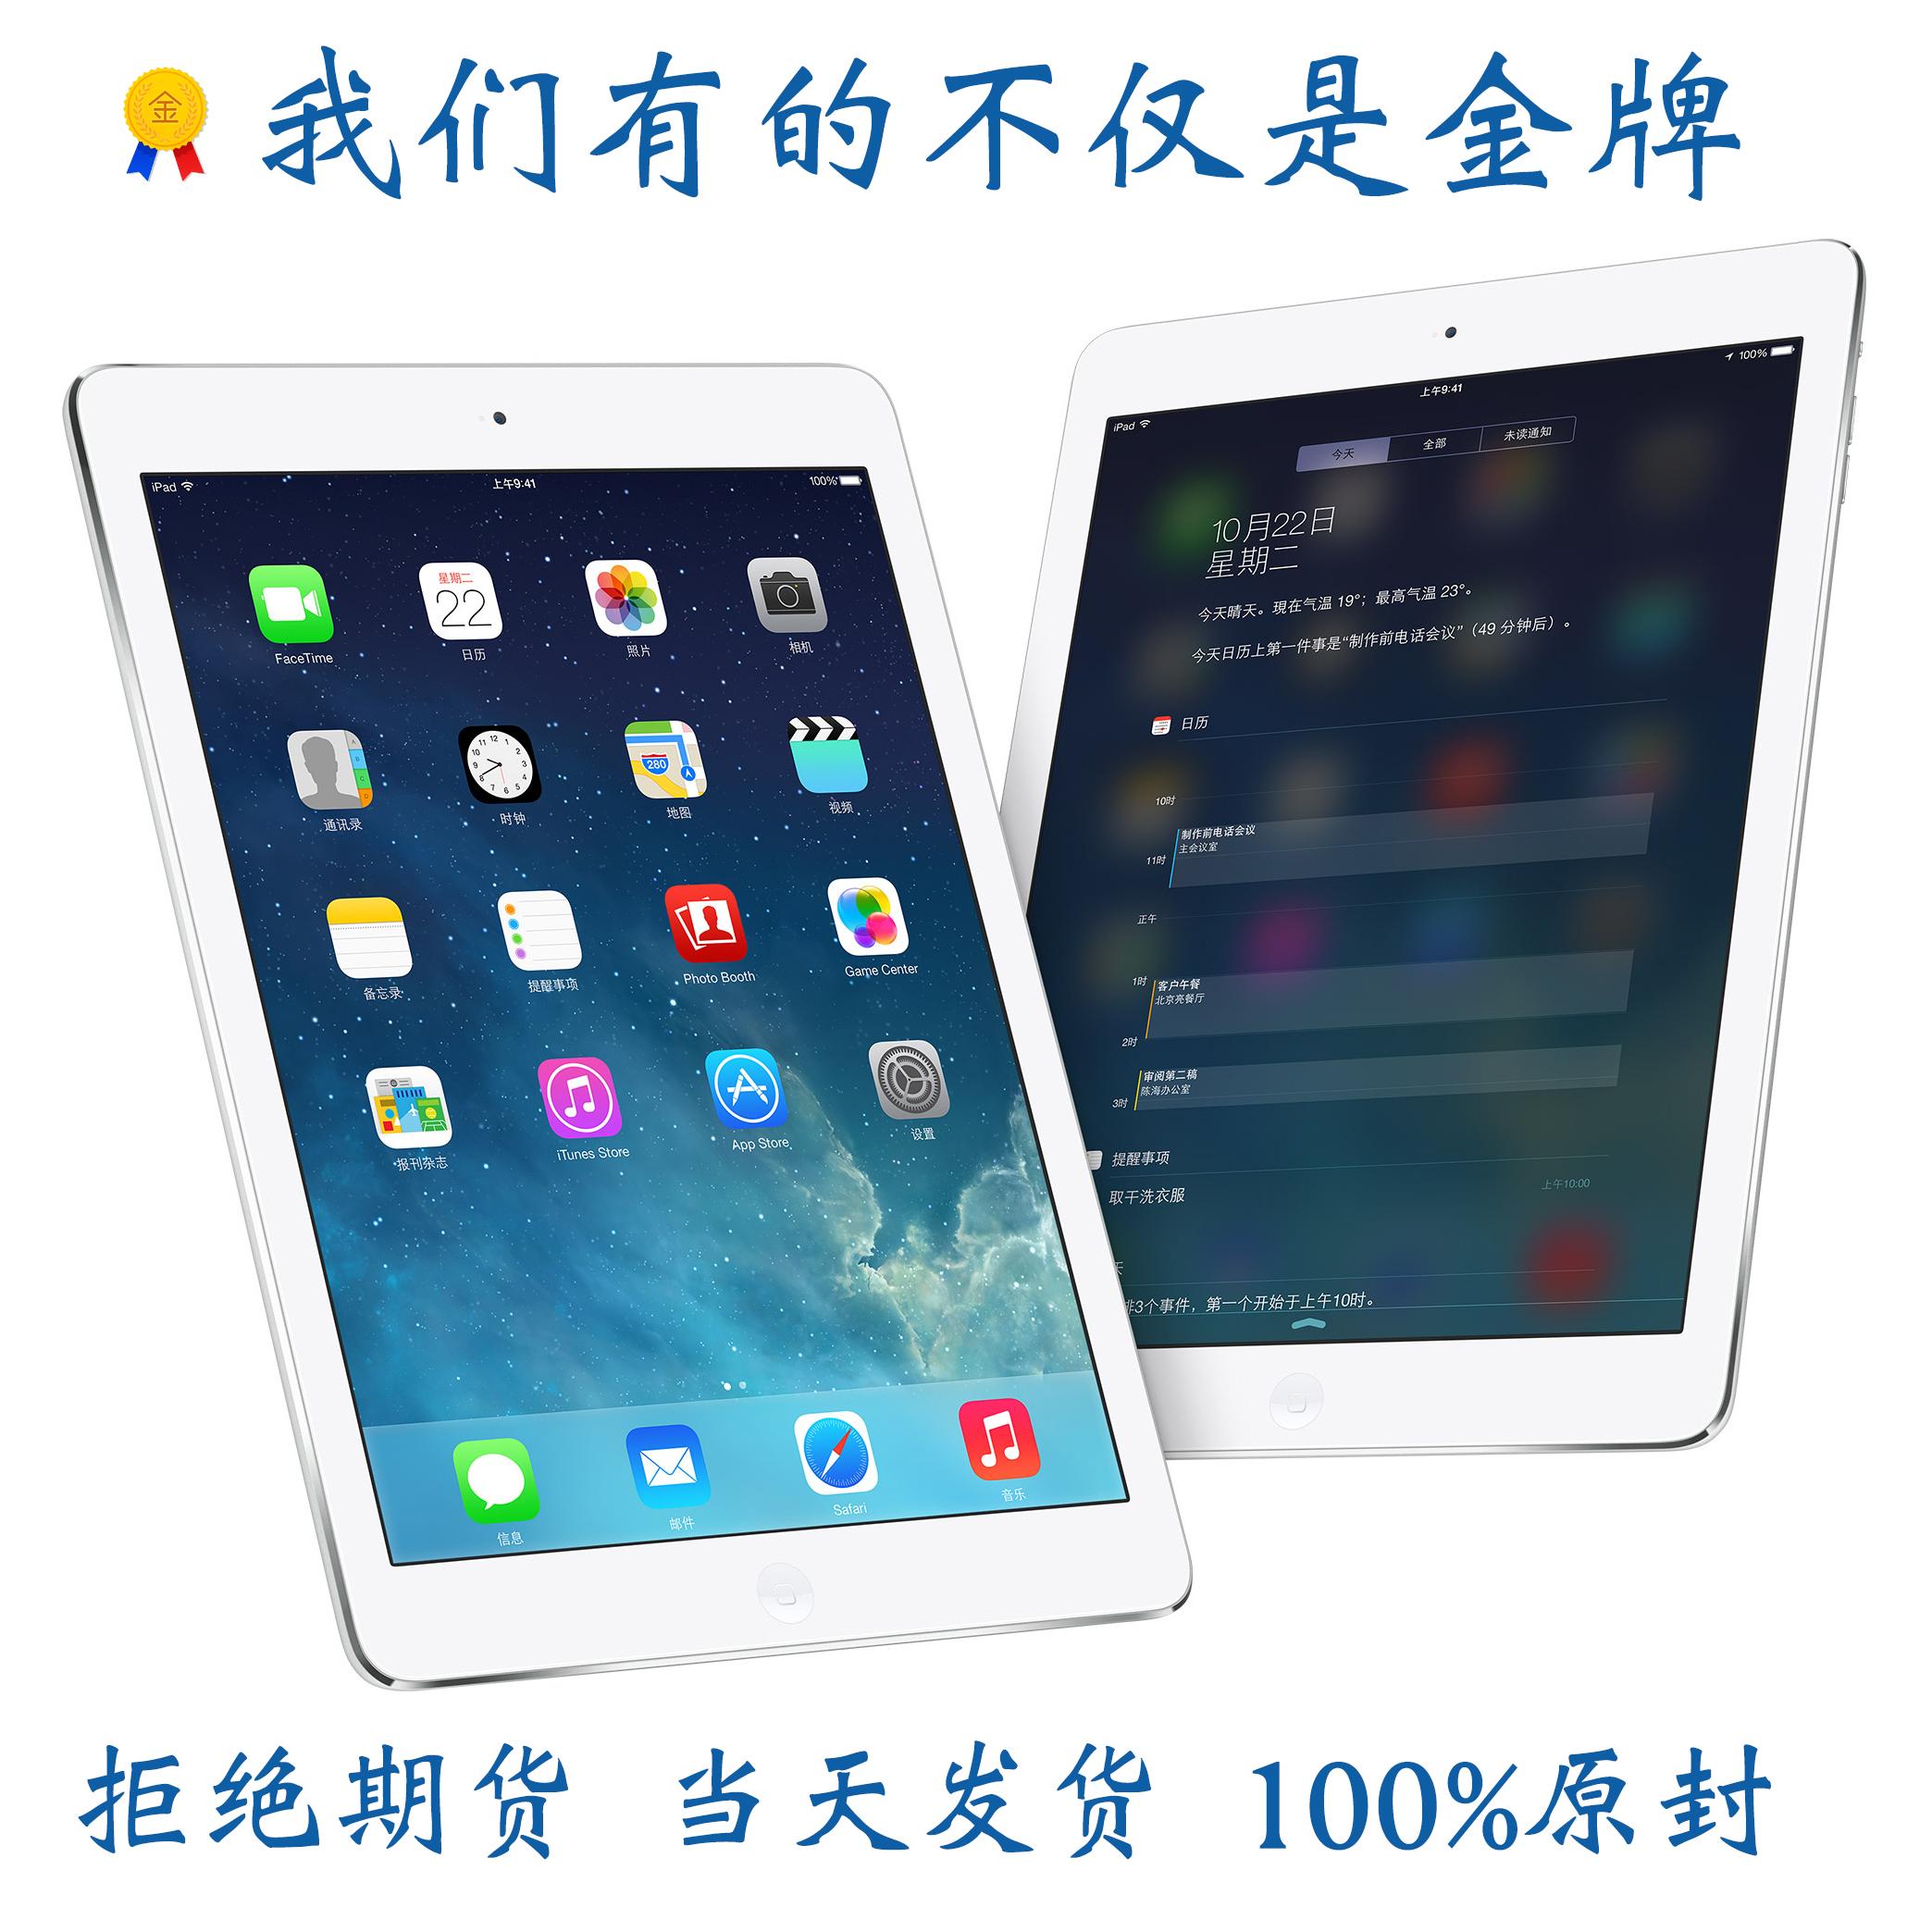 Фото Планшет Apple 10 Ipad (16G)WIFI Ipad Air планшет